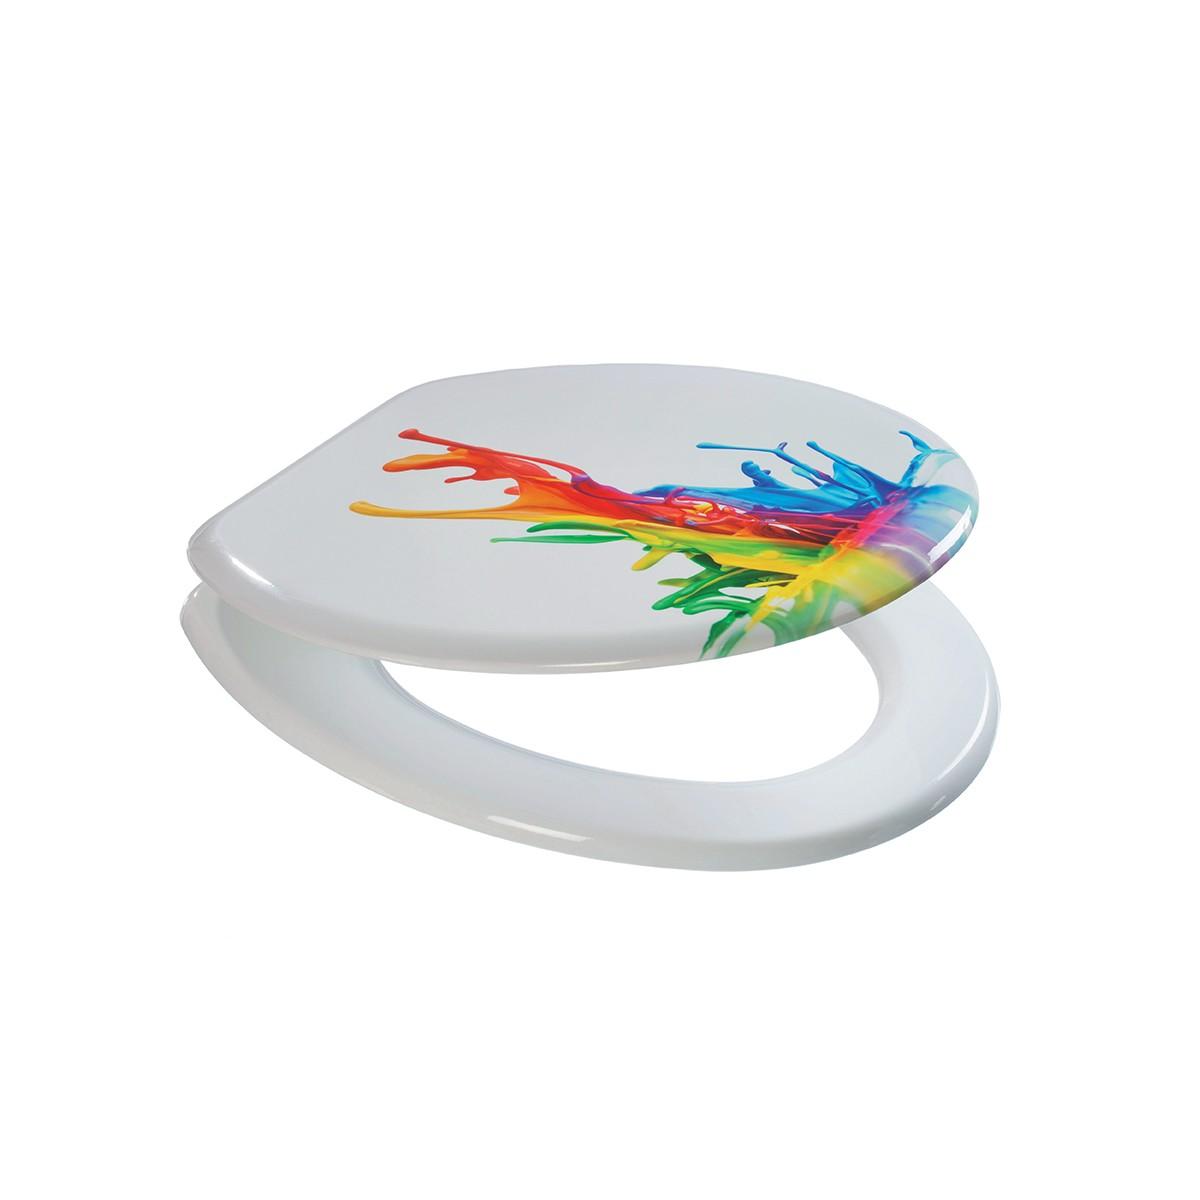 Καπάκι Τουαλέτας LifeStyle Paint 74161